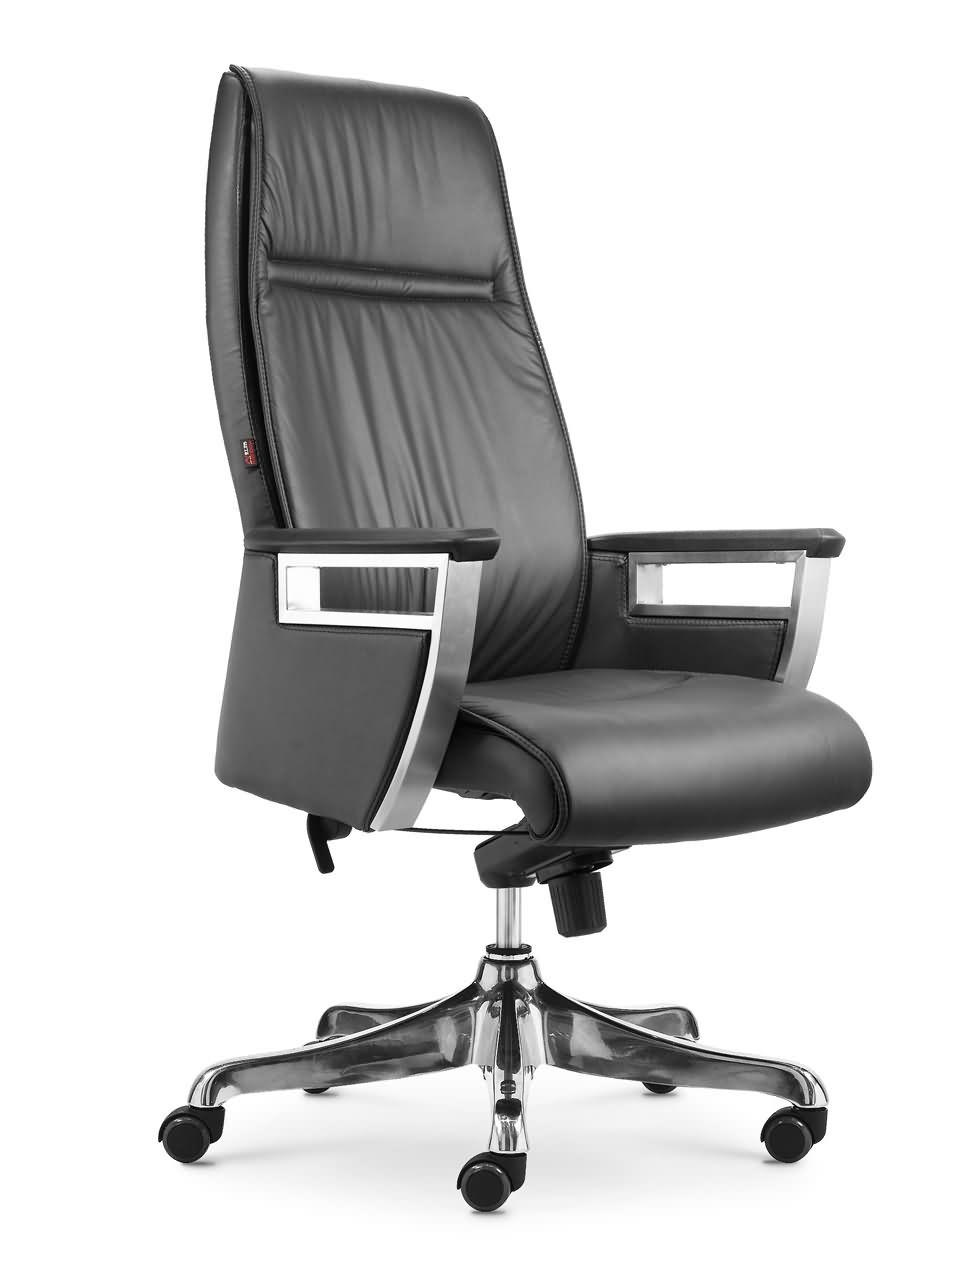 Ghế giám đốc cao cấp TG 8932R-1